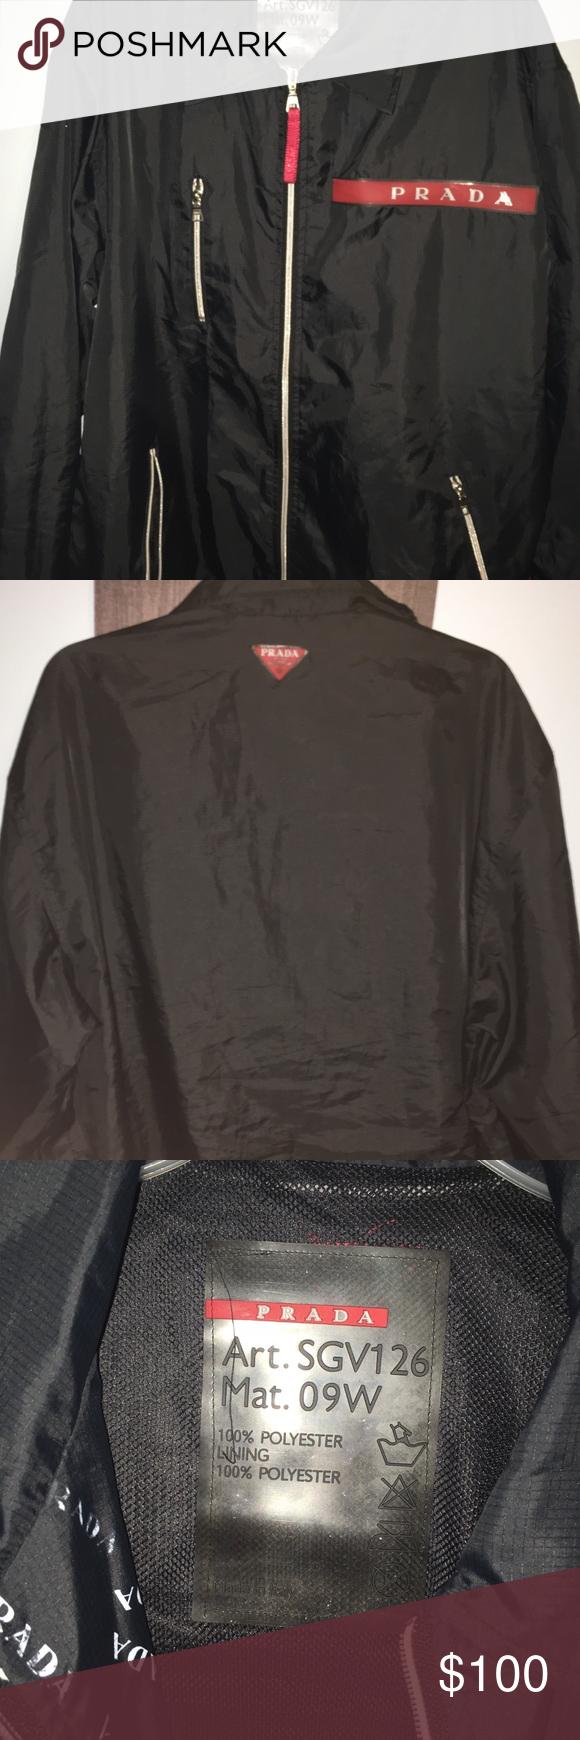 Vintage Prada Jacket Prada Jacket Prada Jackets [ 1740 x 580 Pixel ]